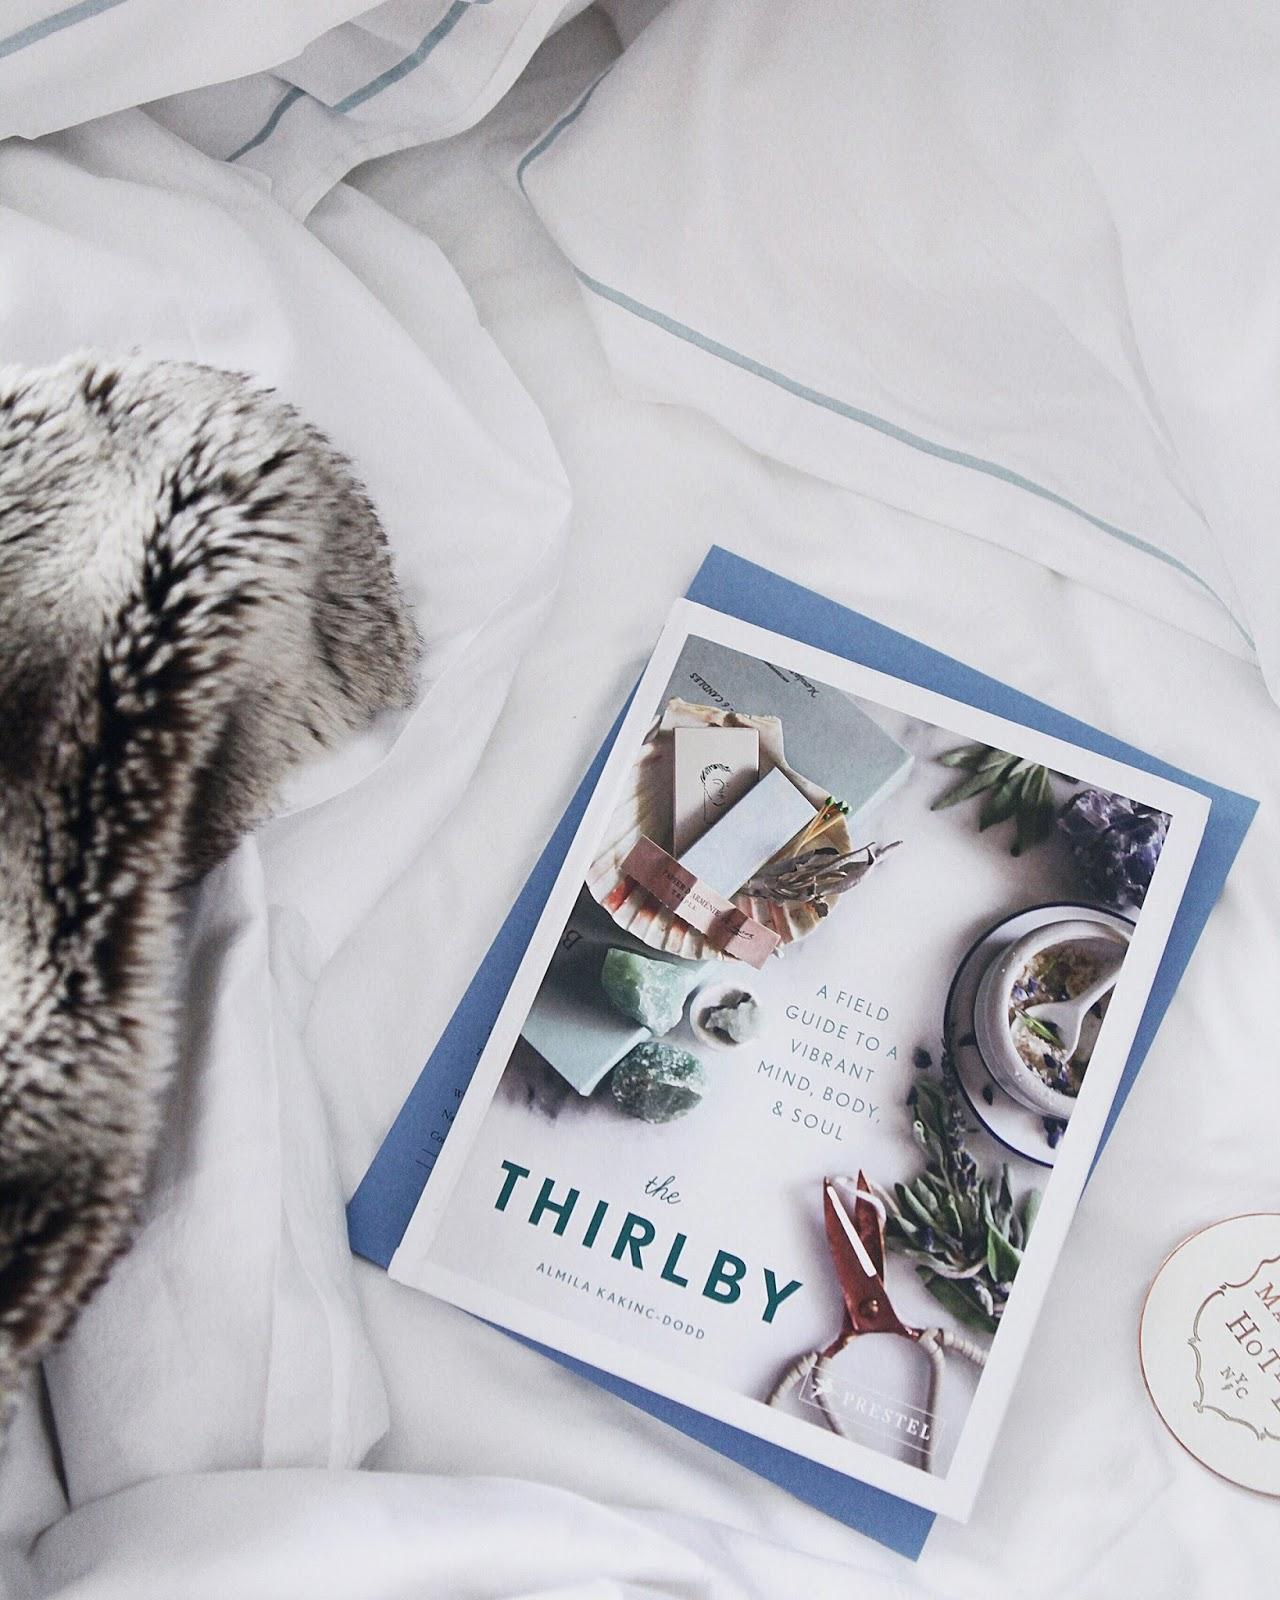 TheThirlbyBook